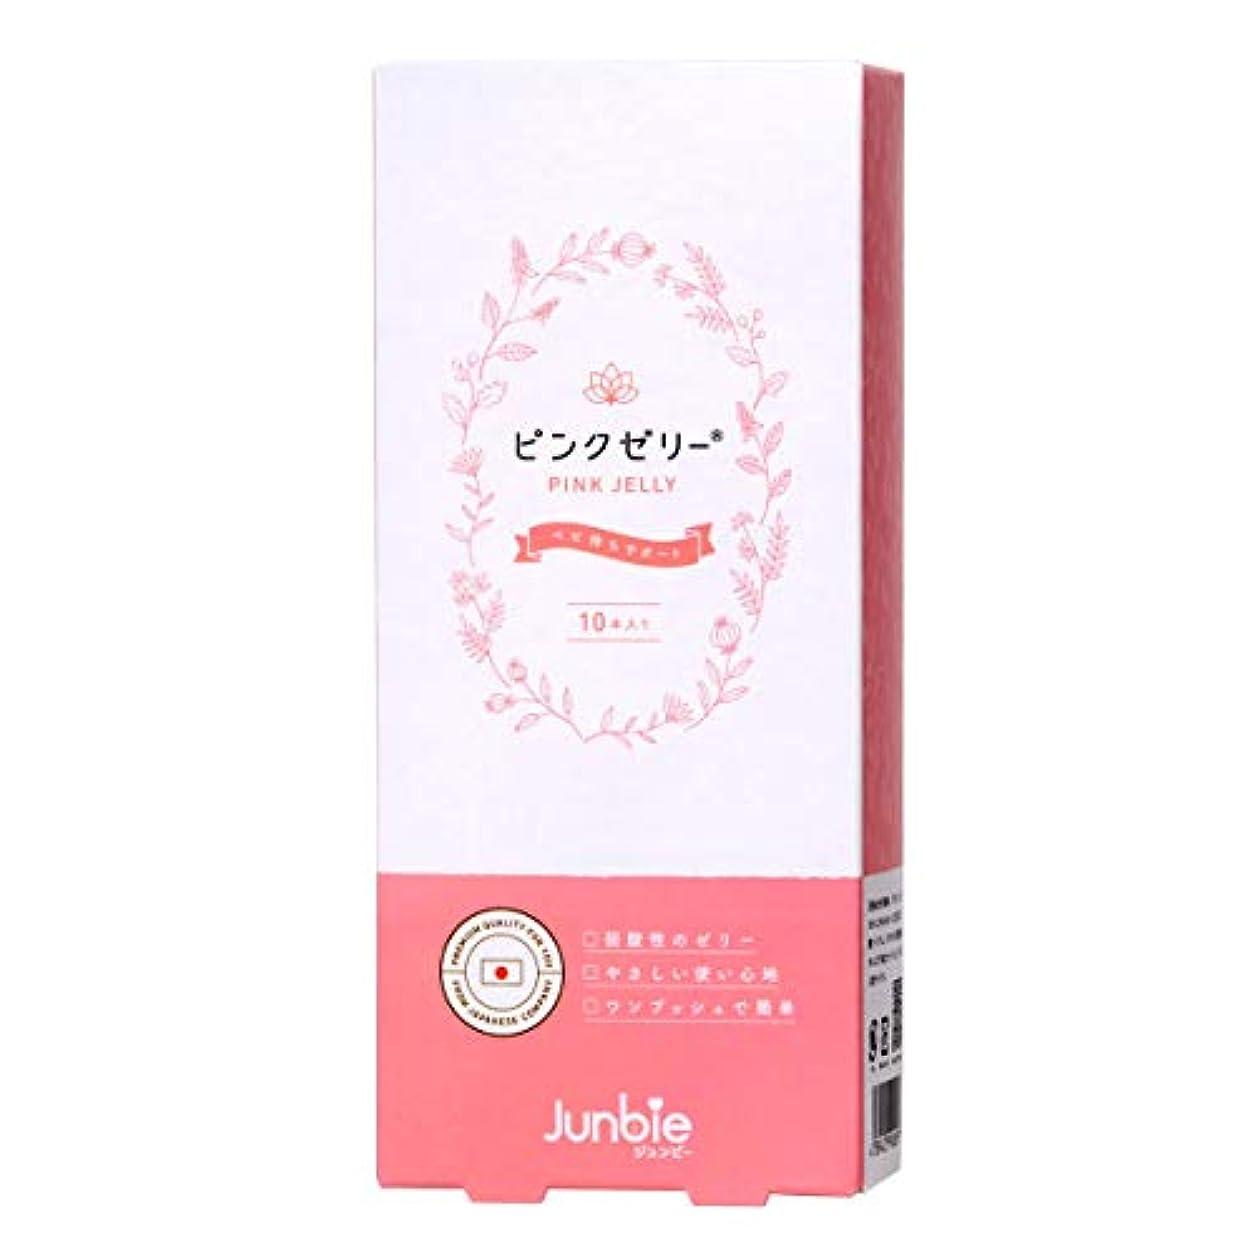 延ばす制限された取り消す【正規品】ピンクゼリー 10本入り 専門家と共同開発 日本人女性に最適な量とpH値